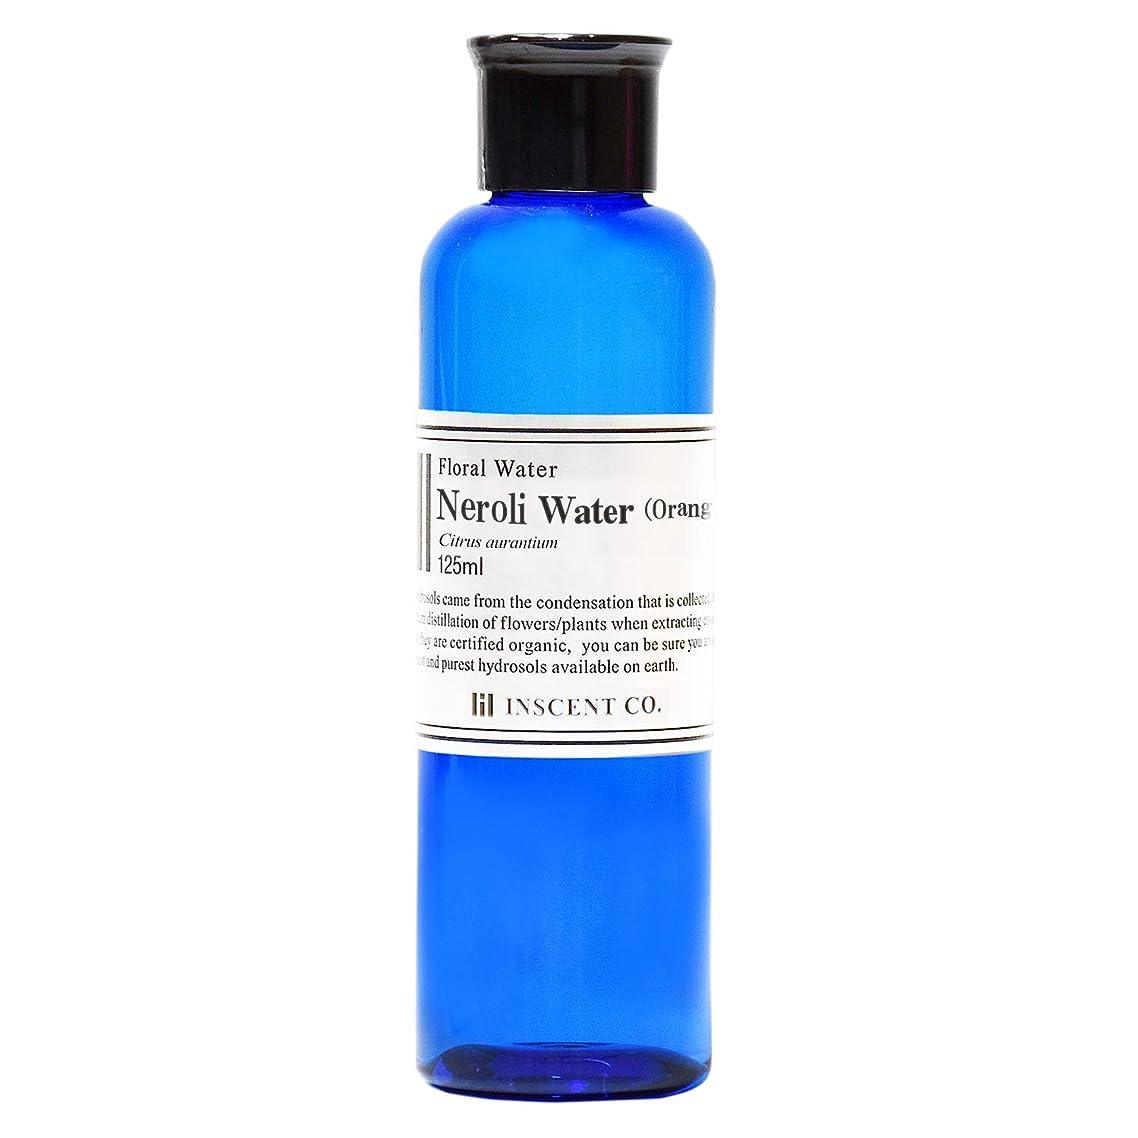 北懲らしめこしょうフローラルウォーター ネロリウォーター (オレンジフラワーウォーター) 125ml (ハイドロゾル/芳香蒸留水)